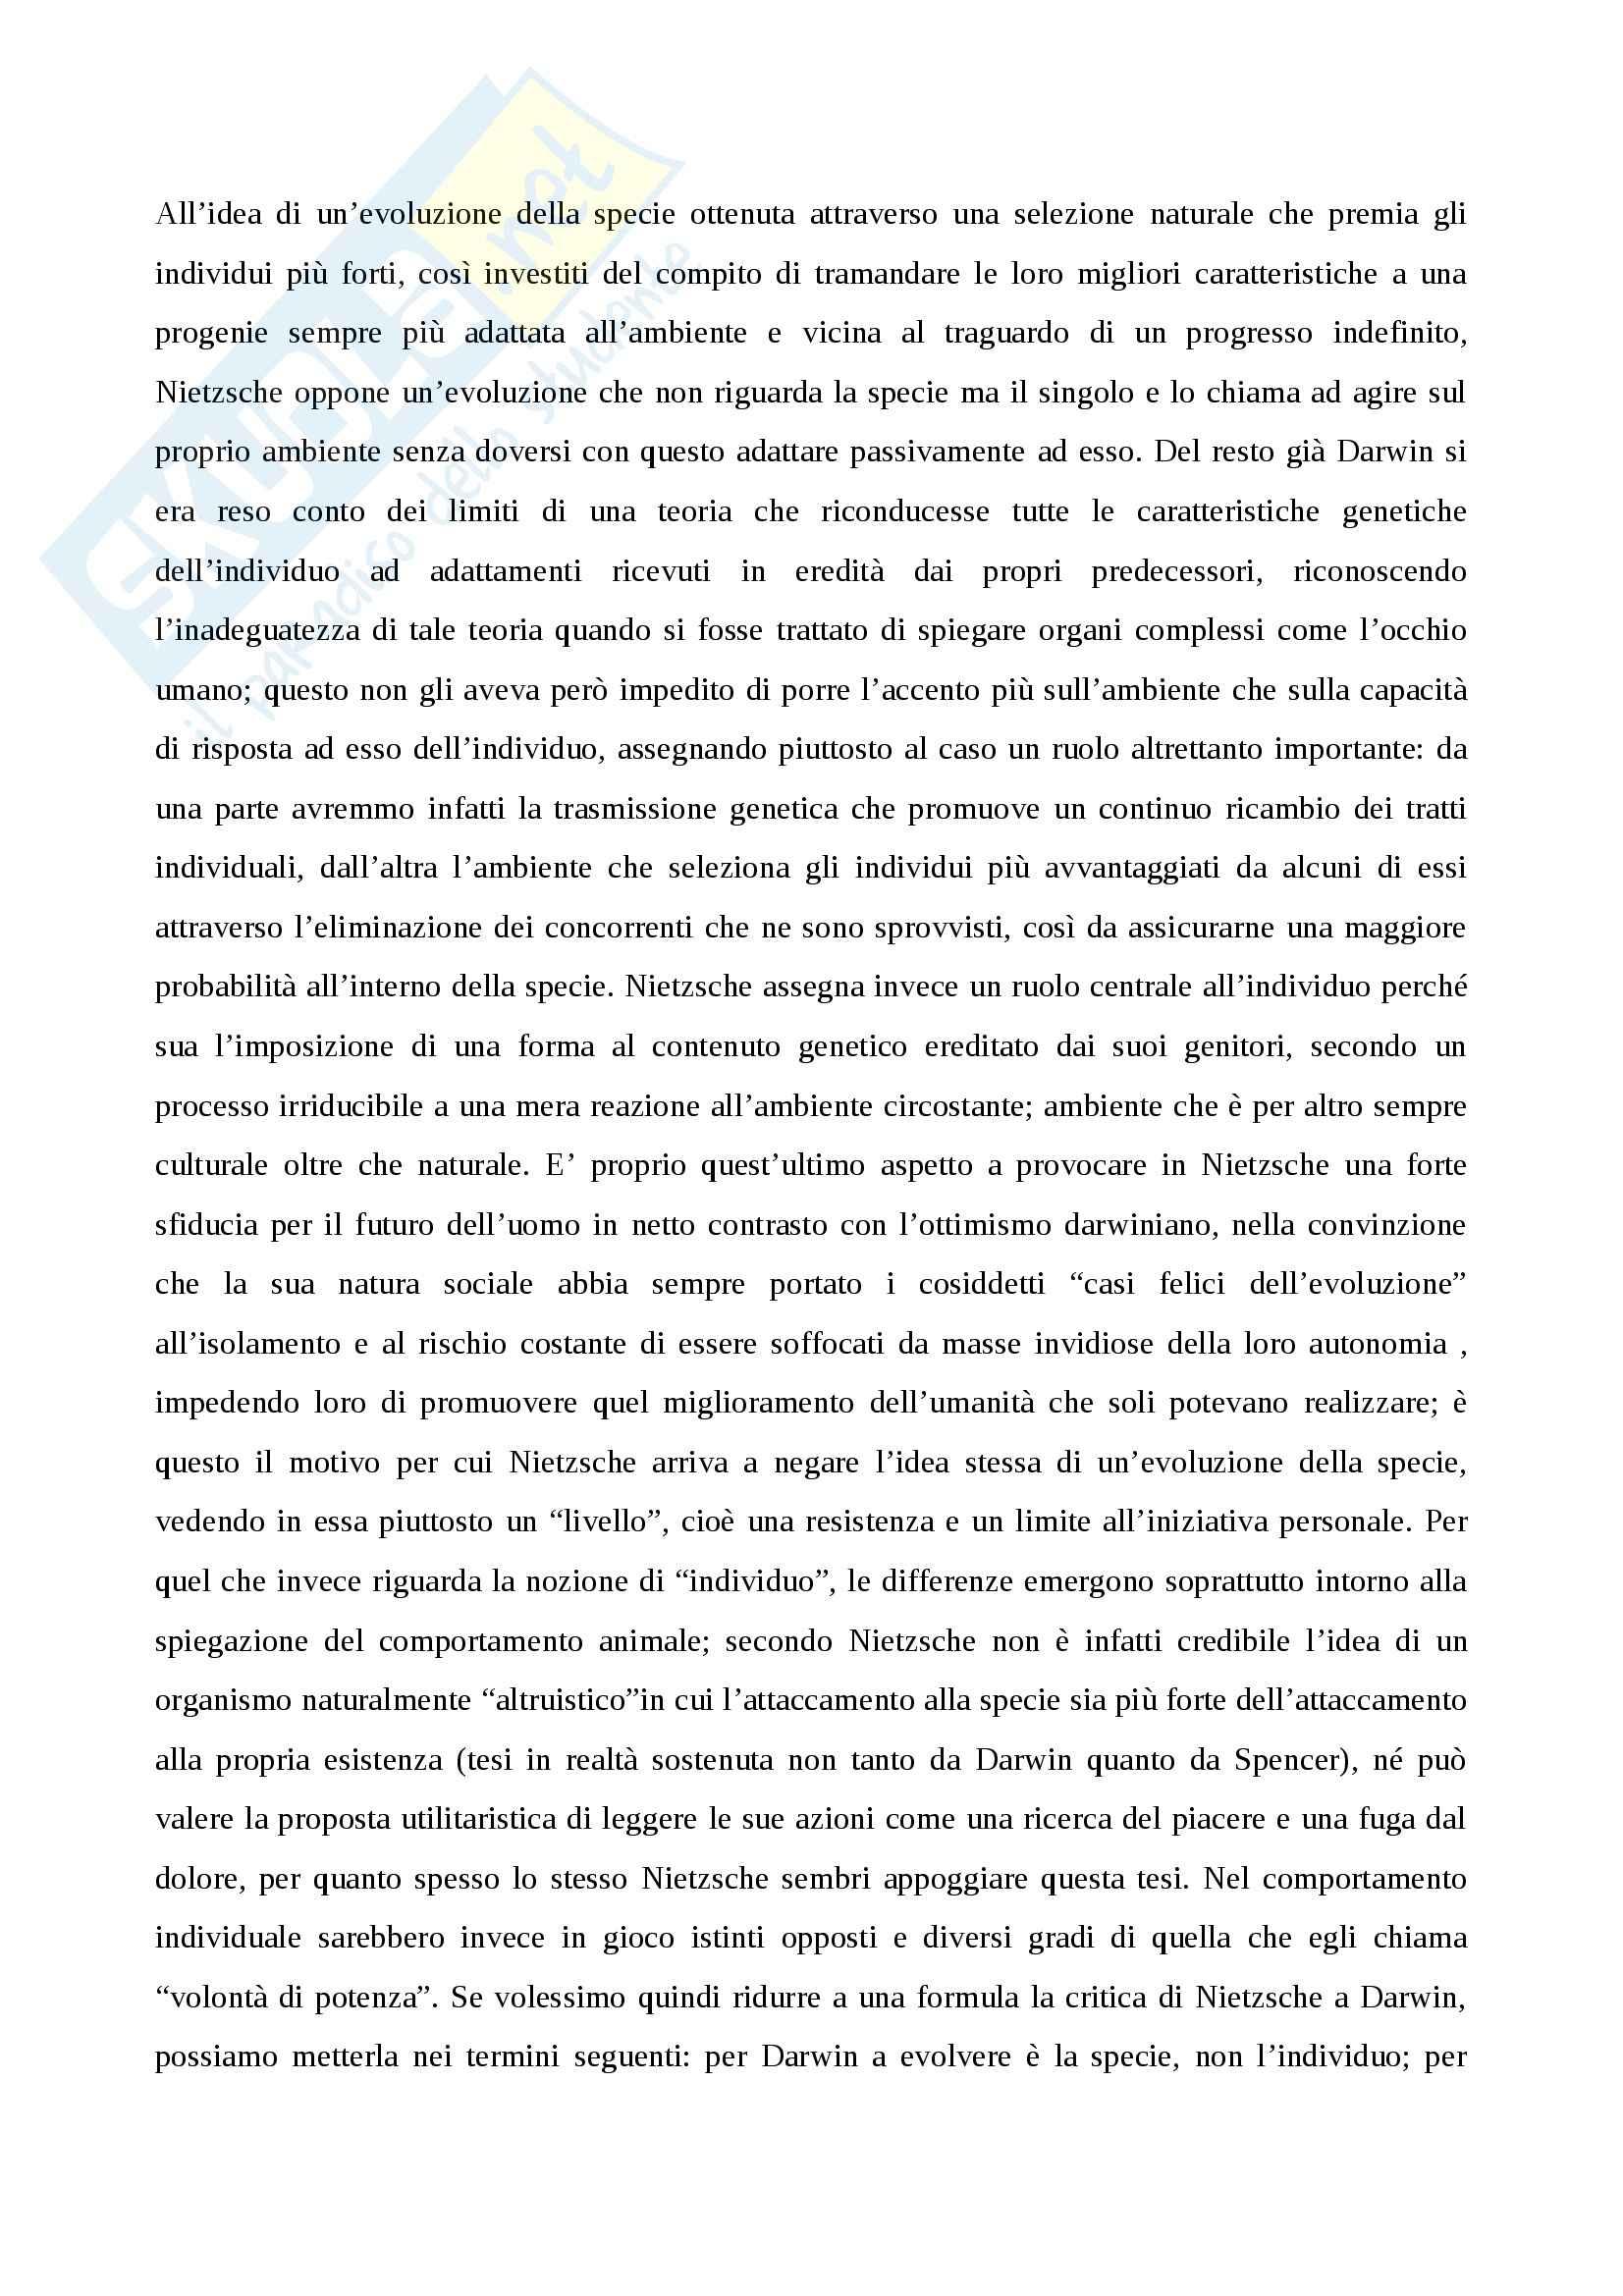 Ermeneutica filosofica - Nietzsche e il tema della coscienza Pag. 6